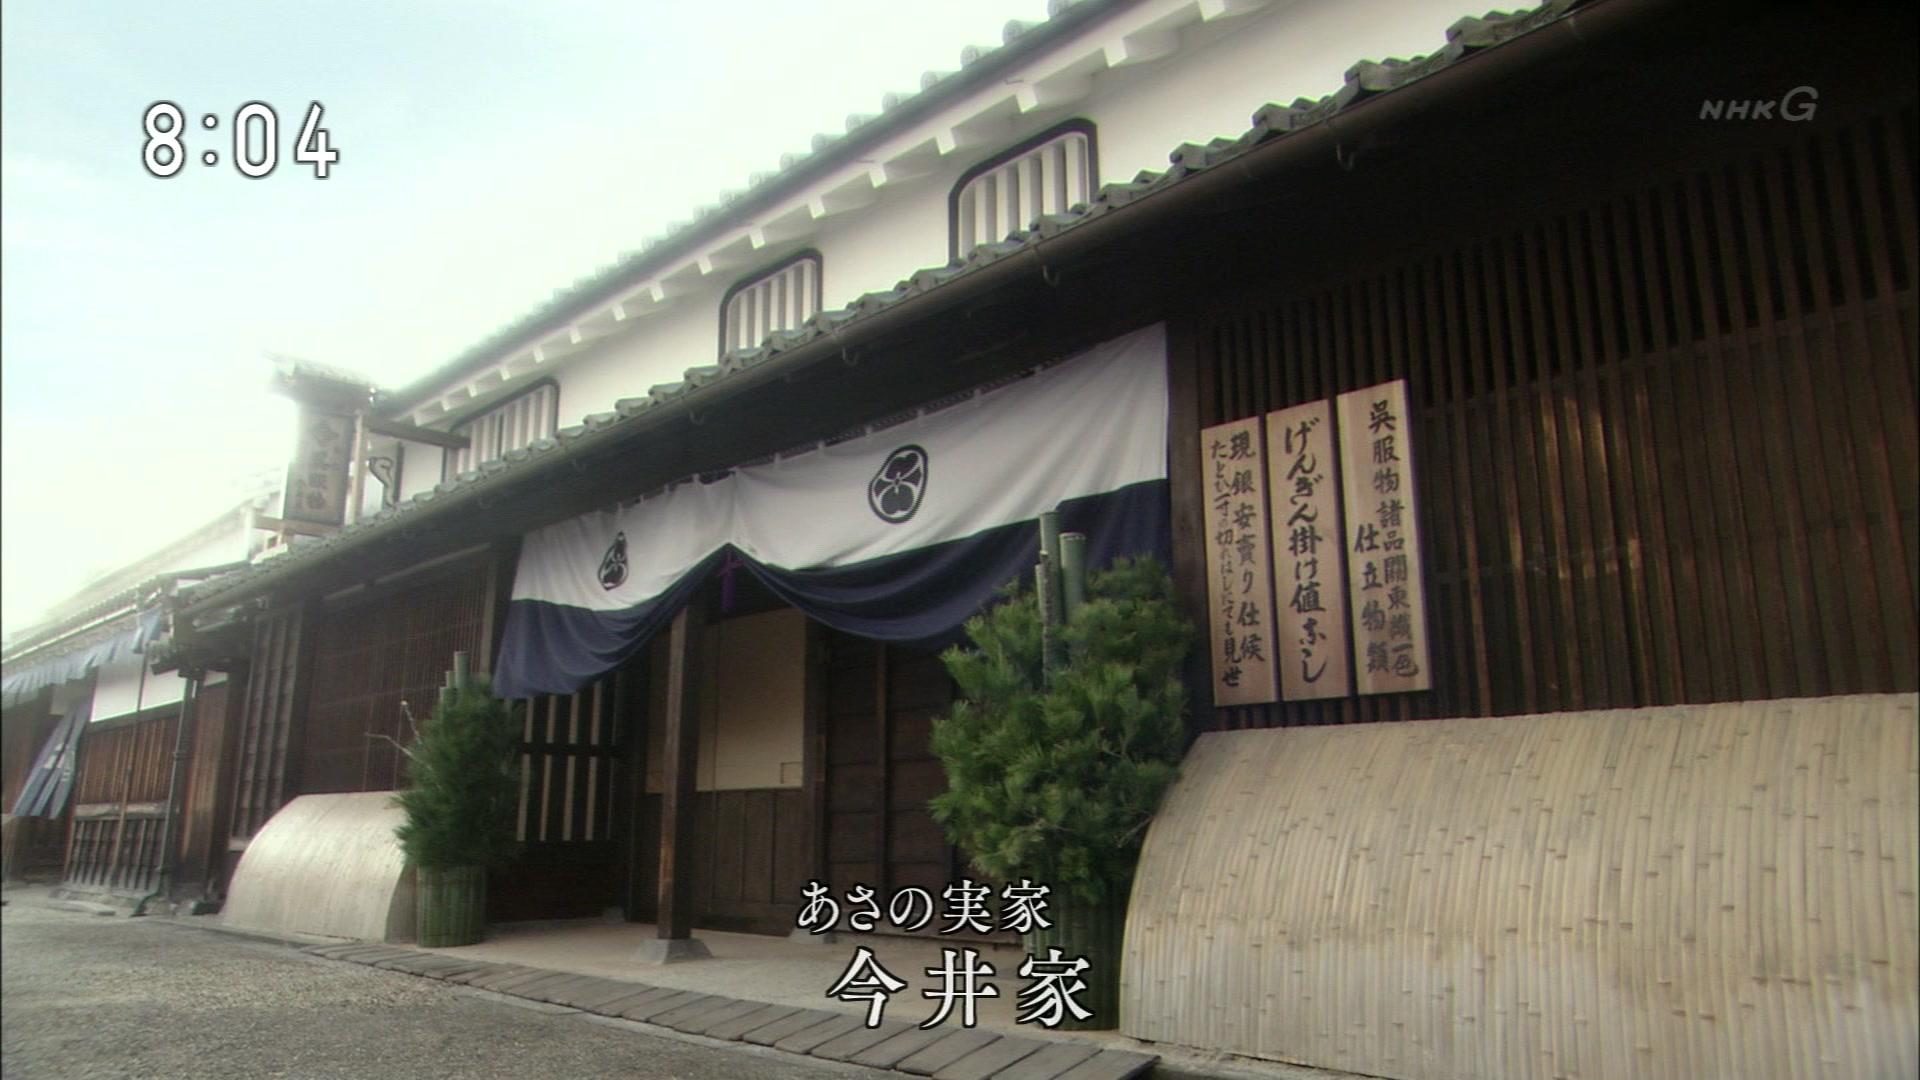 2015-09-28 08:00 連続テレビ小説 あさが来た(1)「小さな許嫁(いいなずけ)」 07577